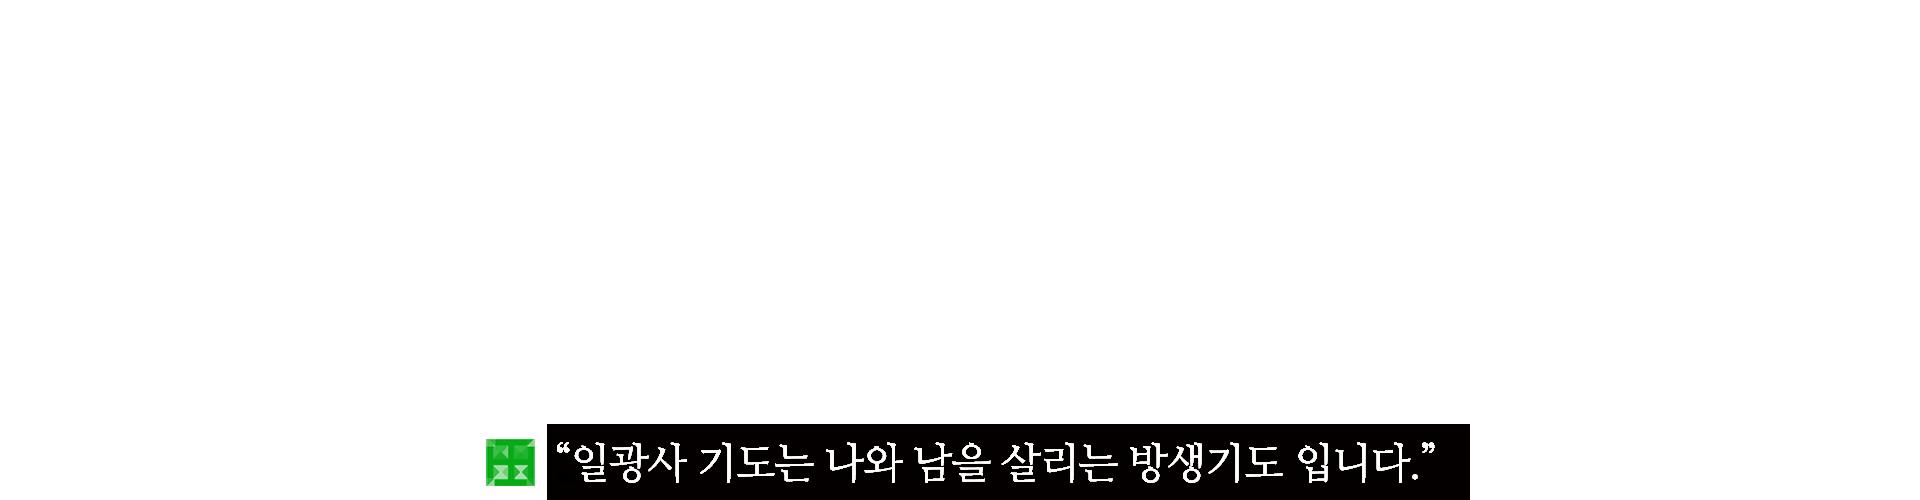 상단타이틀_이야기